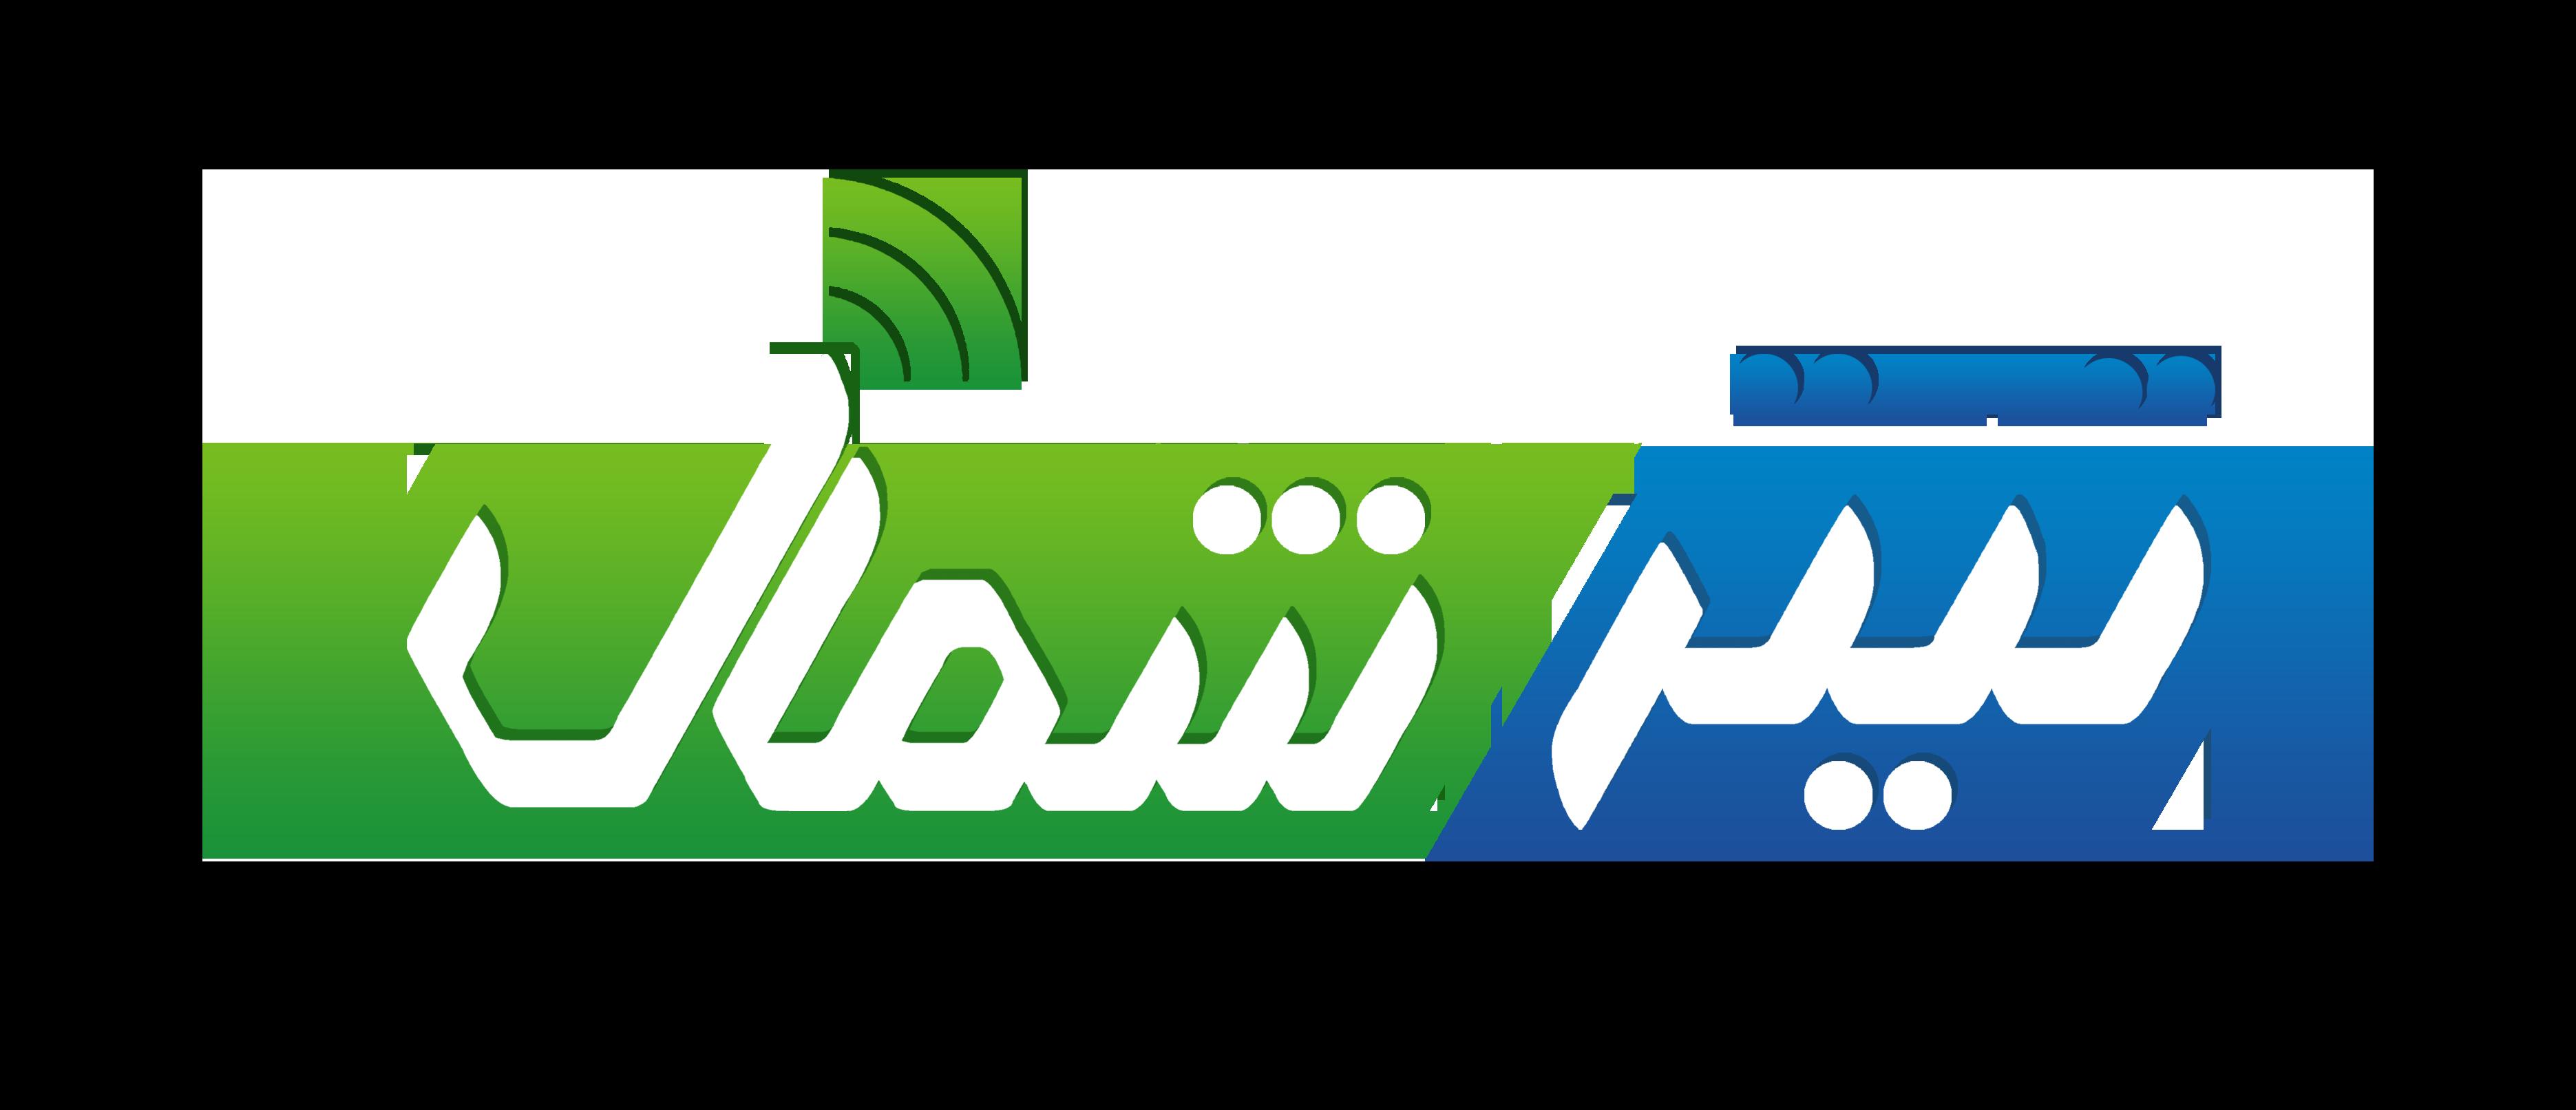 تازهترین اخبار و حوادث استان مازندران